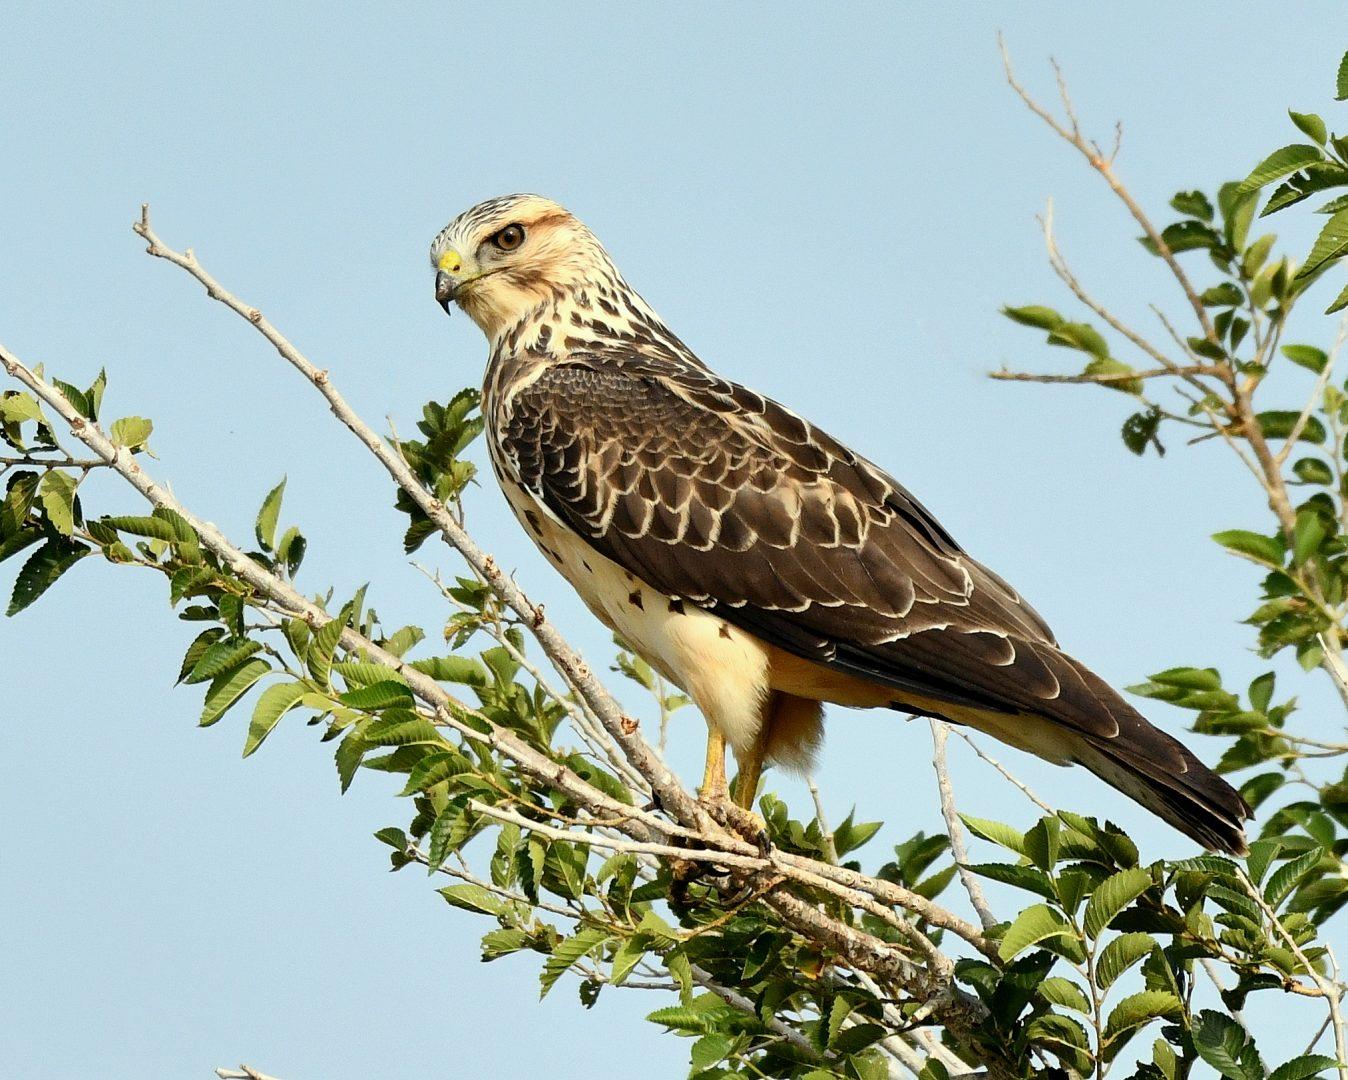 Swainson's Hawk – Juvenile | Estancia, N.M. | Sept. 2020